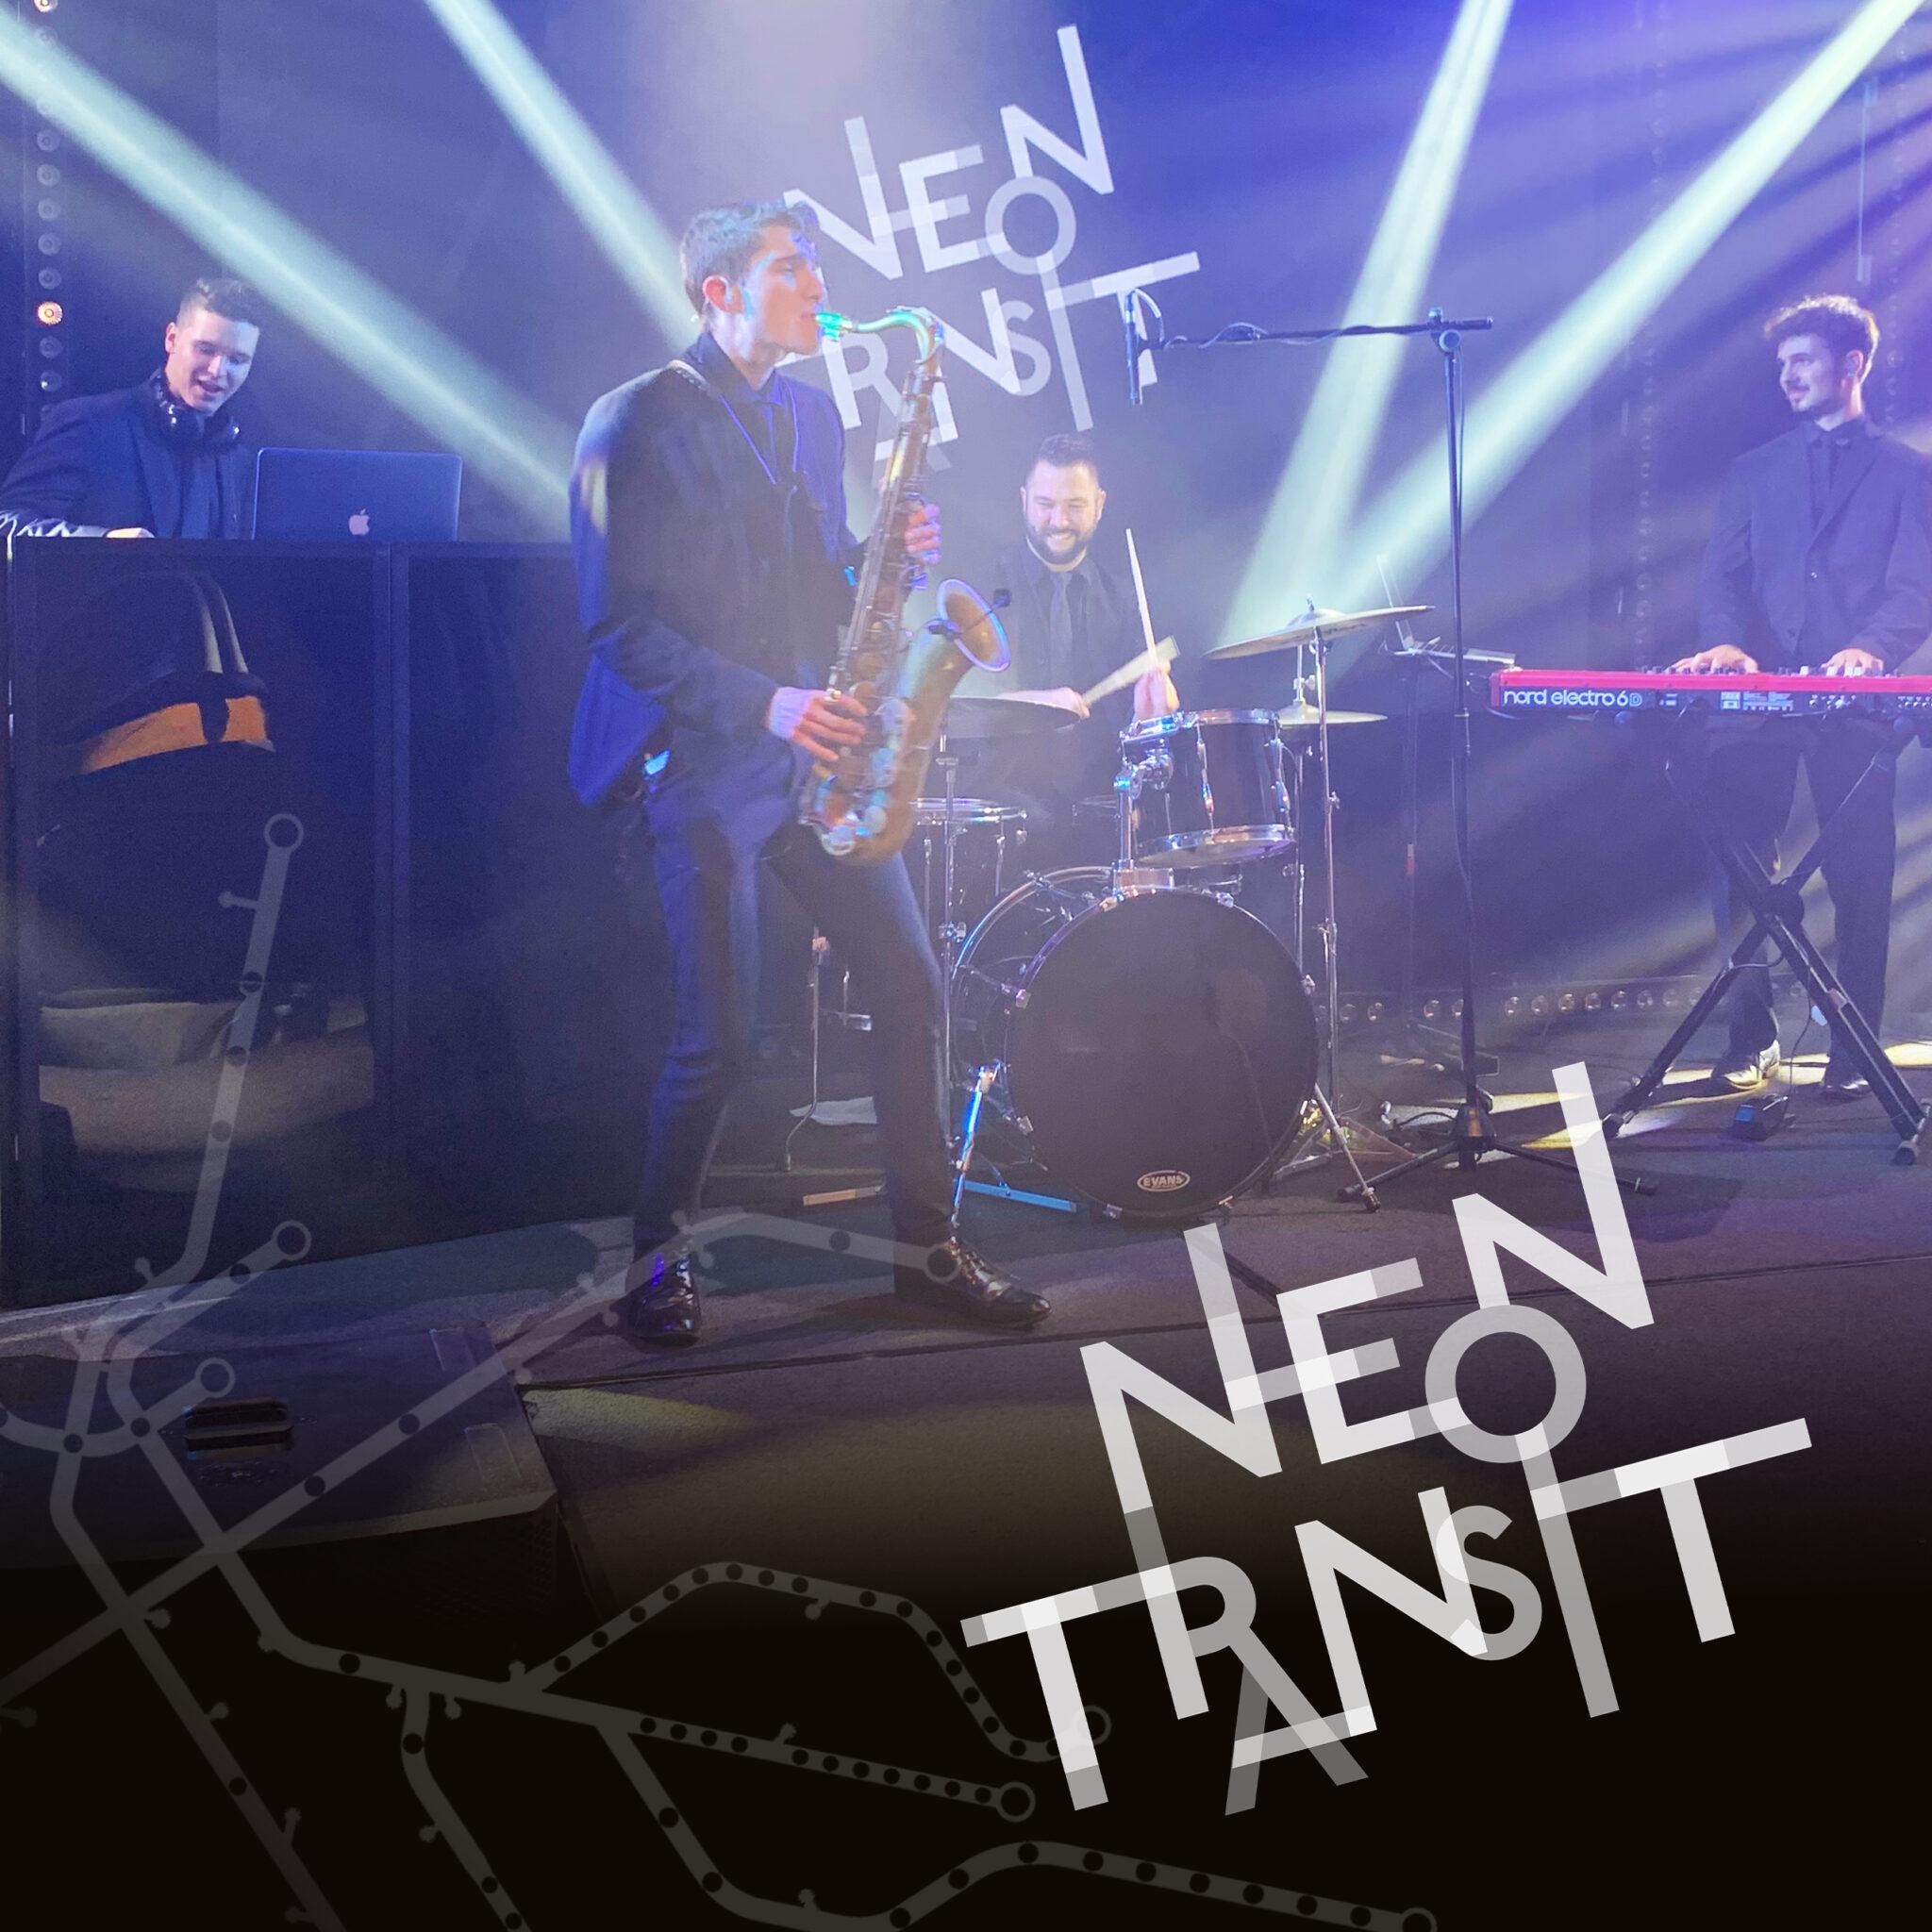 Neon Transit